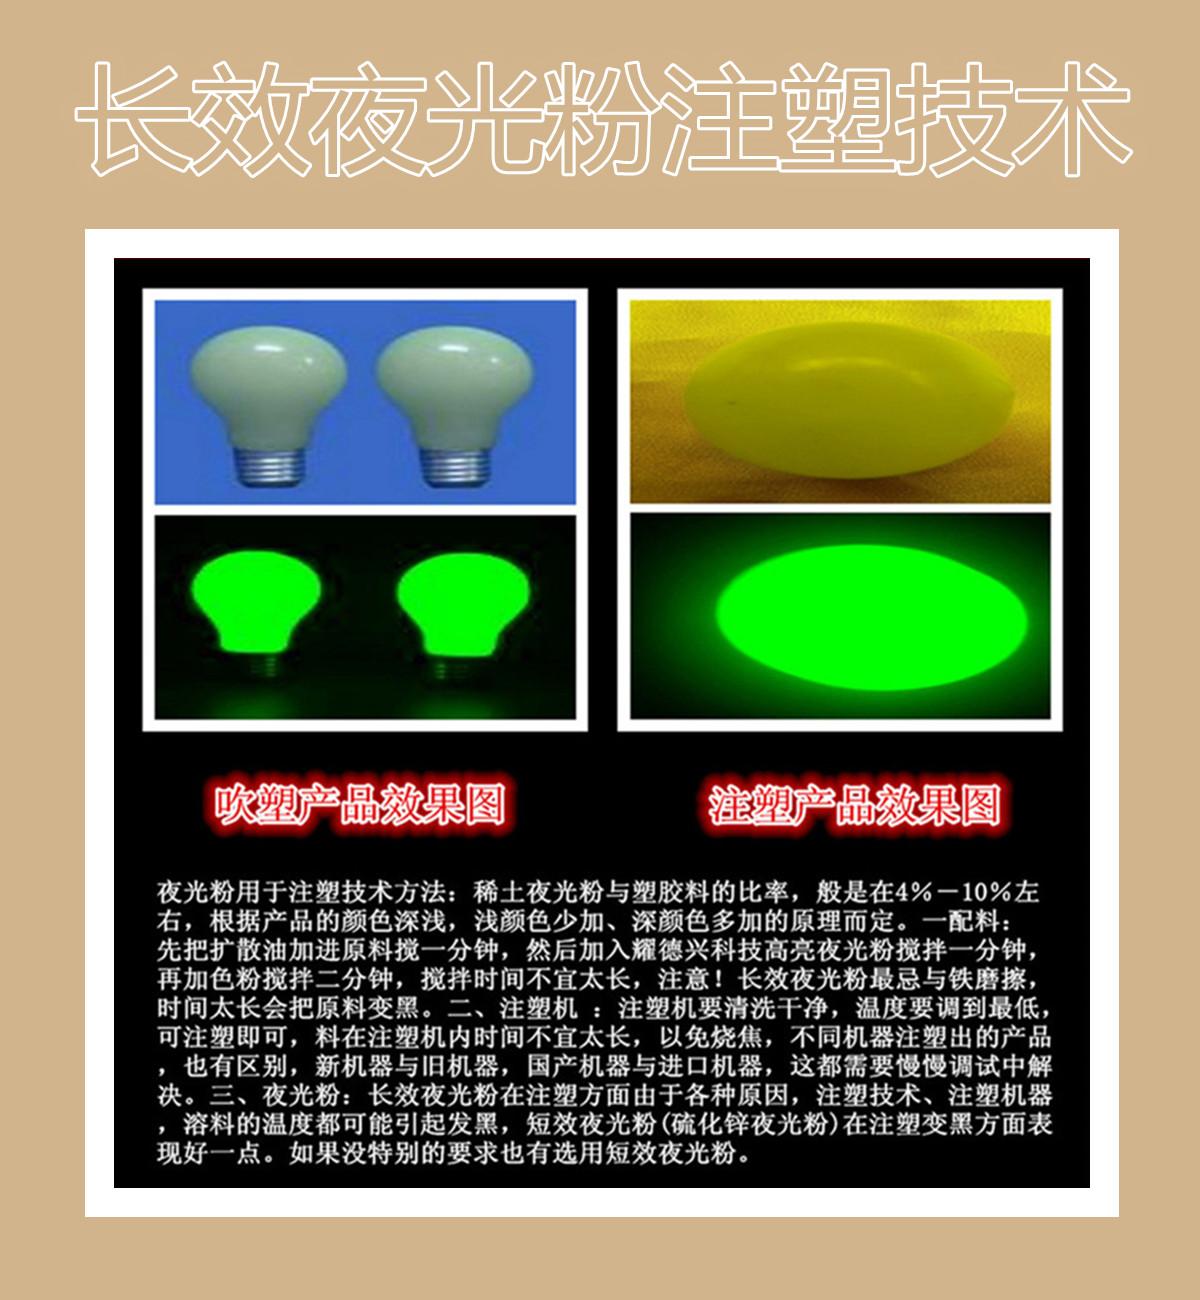 YD-11.jpg